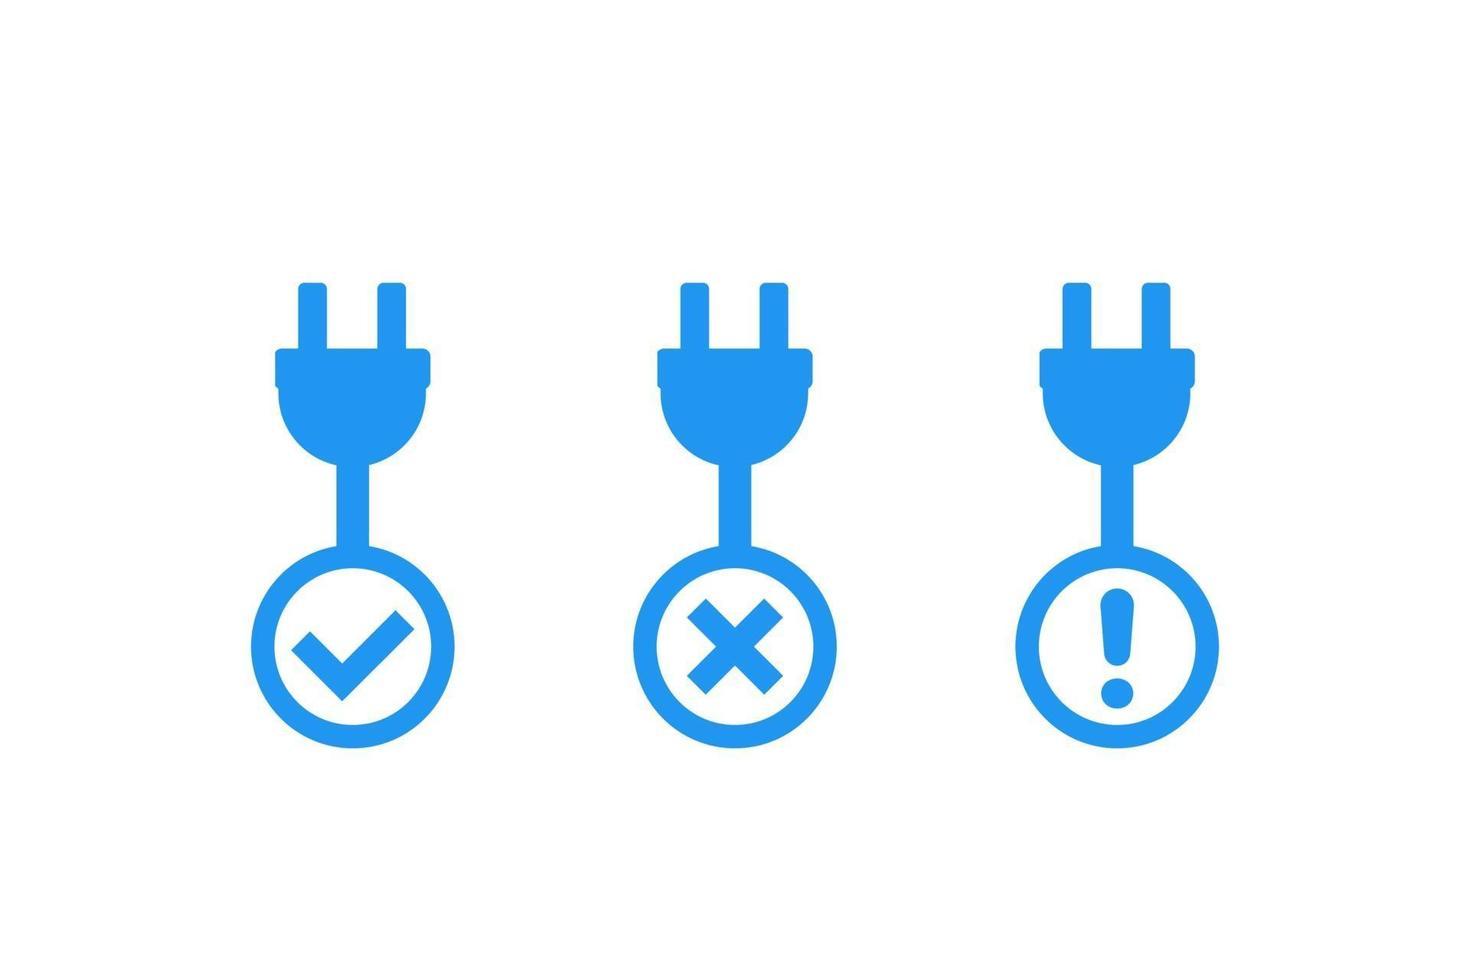 prese elettriche con segni, vector icons.eps